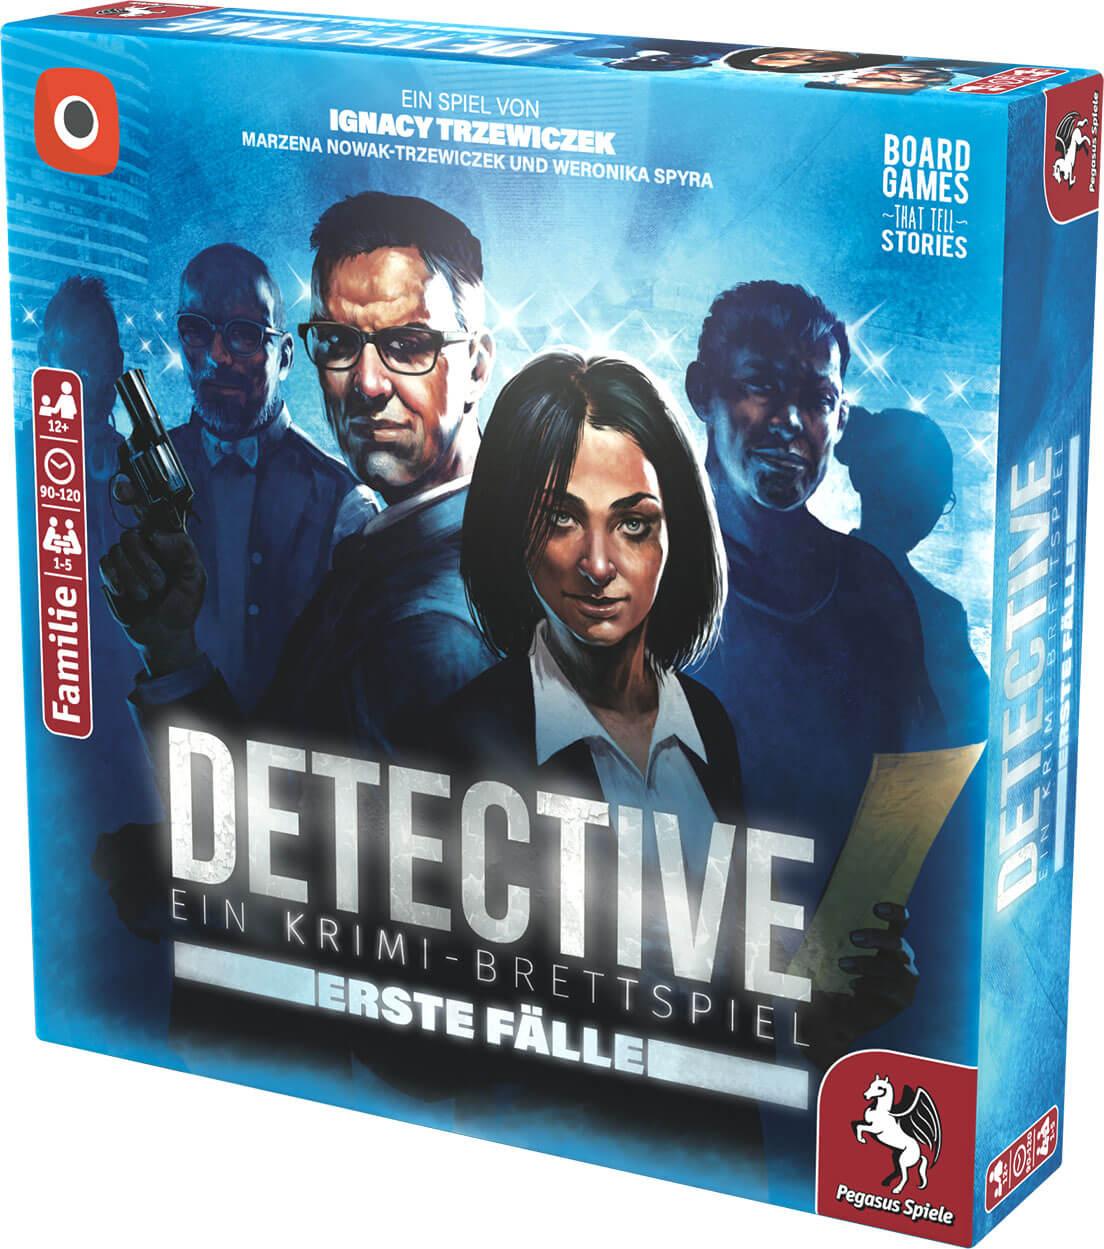 Schachtel Vorderseite rechts- Detective – Erste Fälle